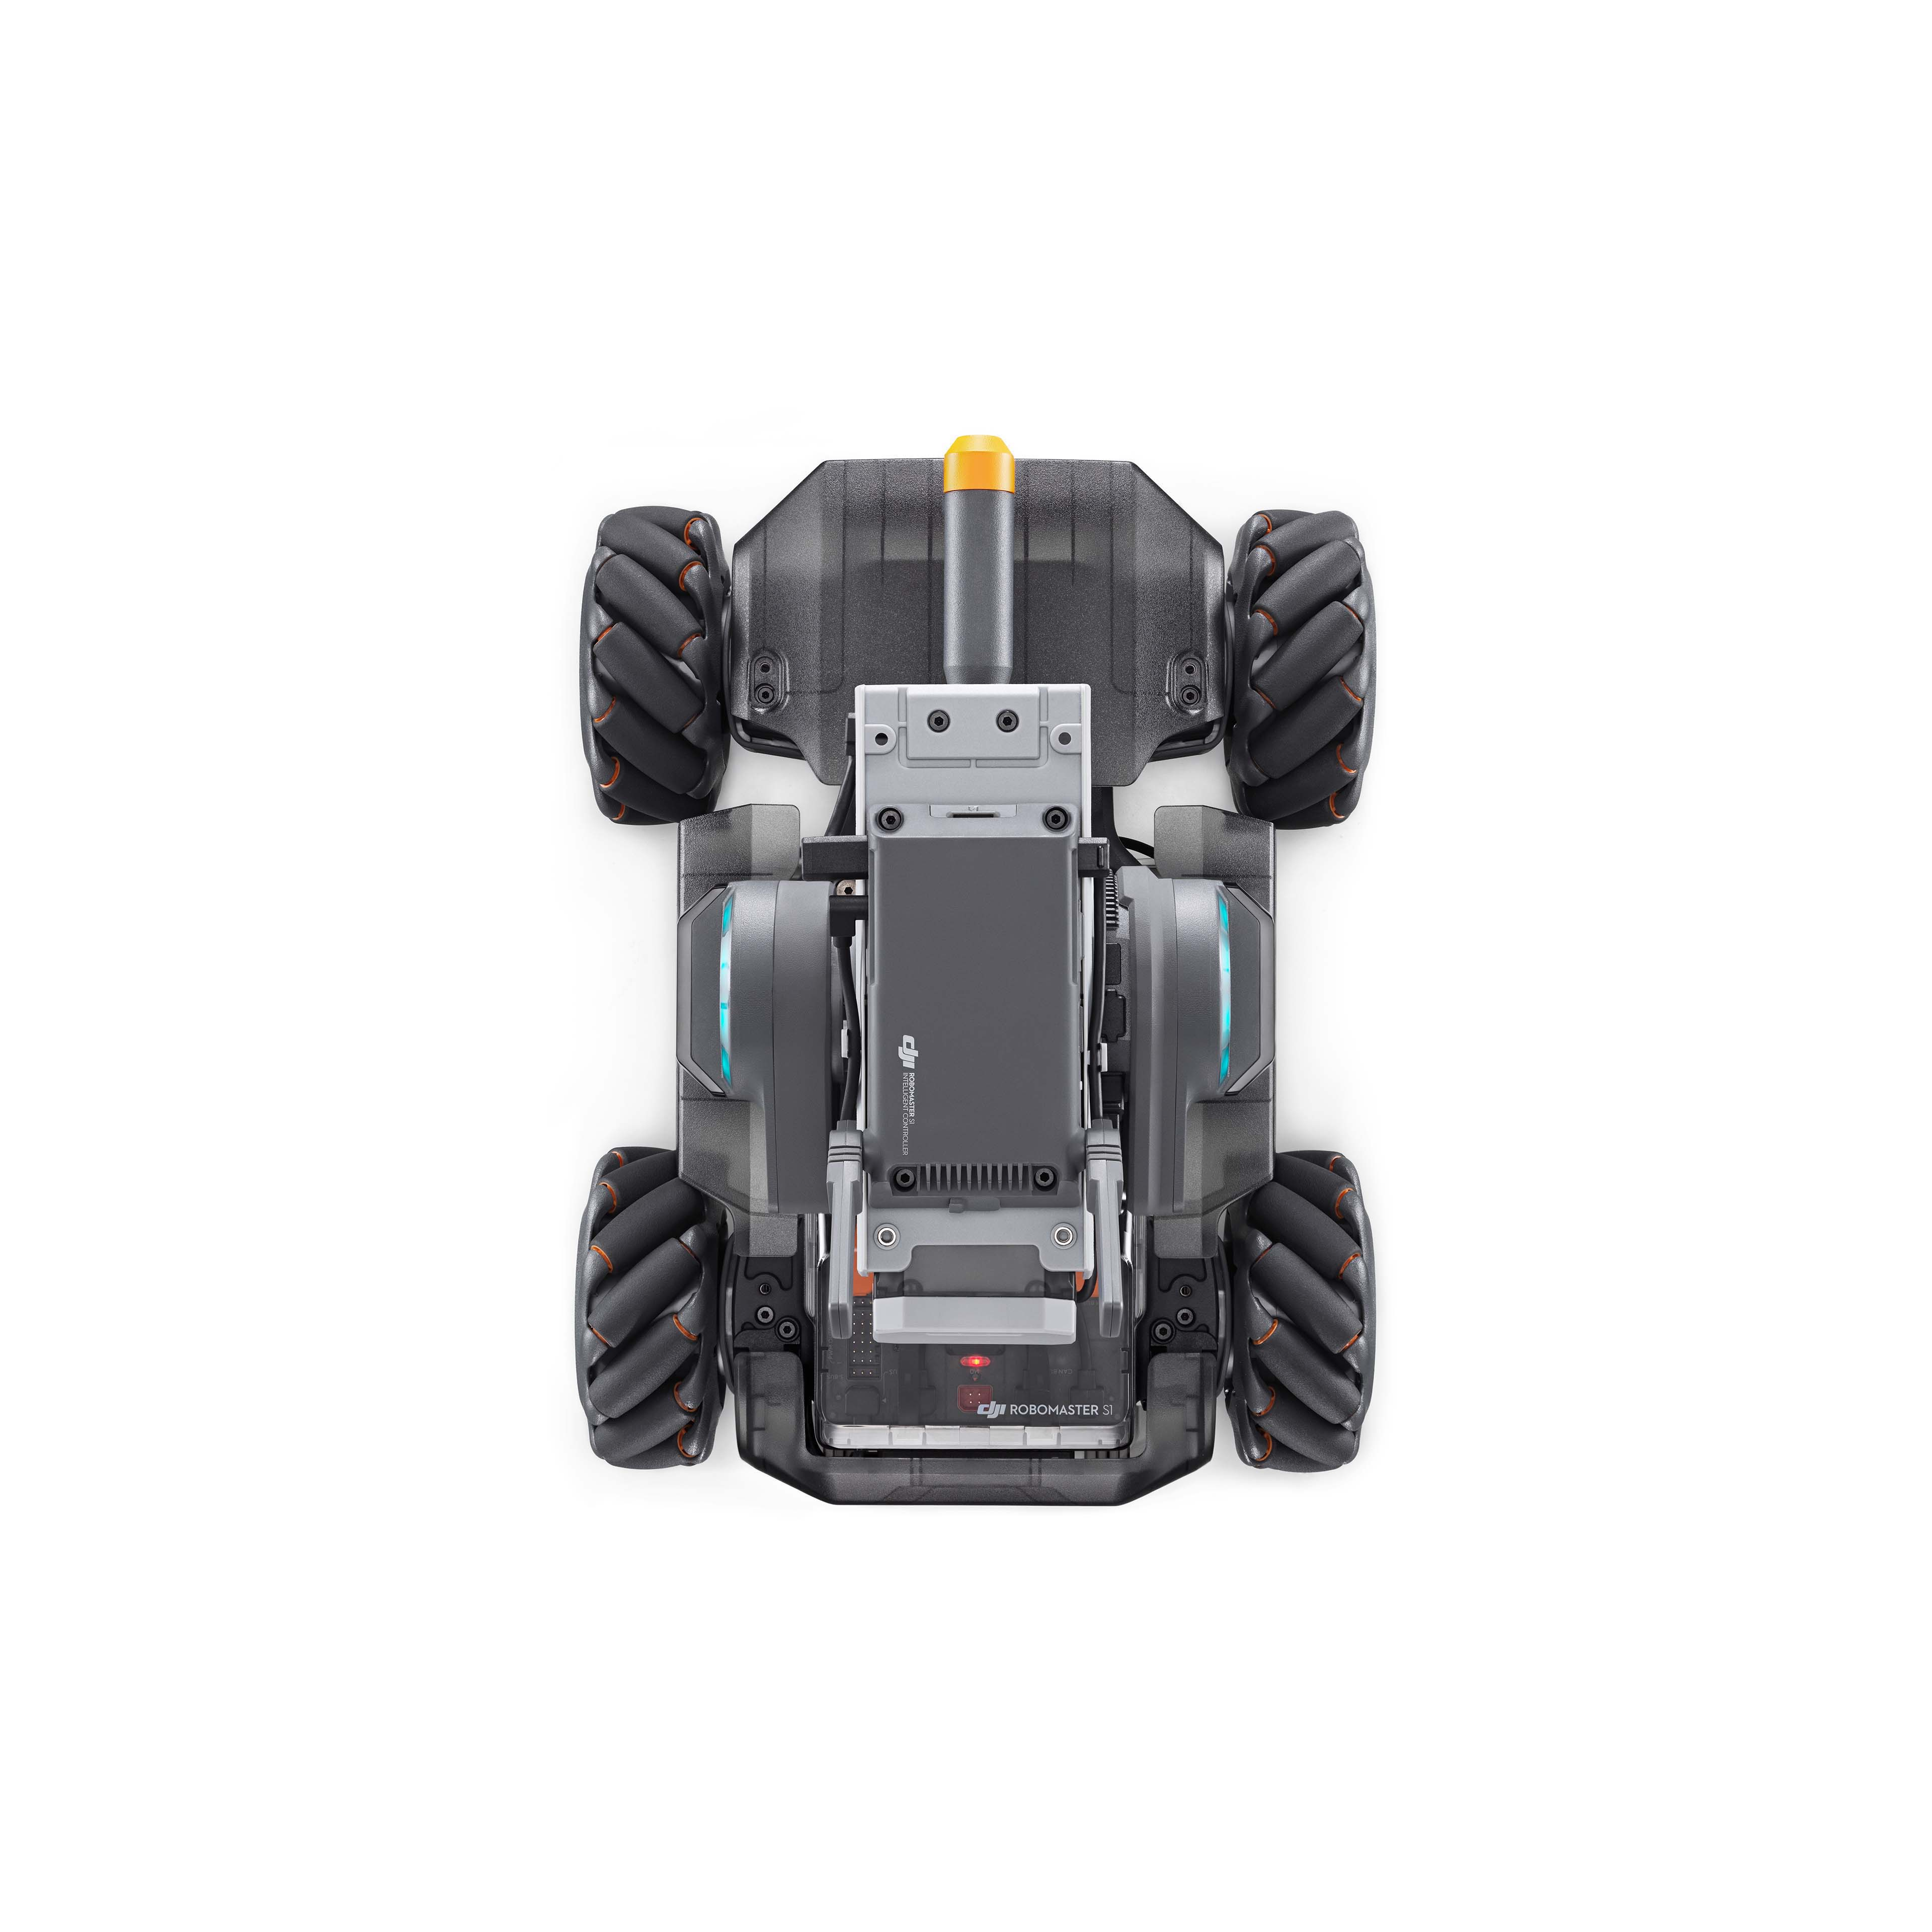 DJI ROBOMASTER S1 - NOIR- image 3